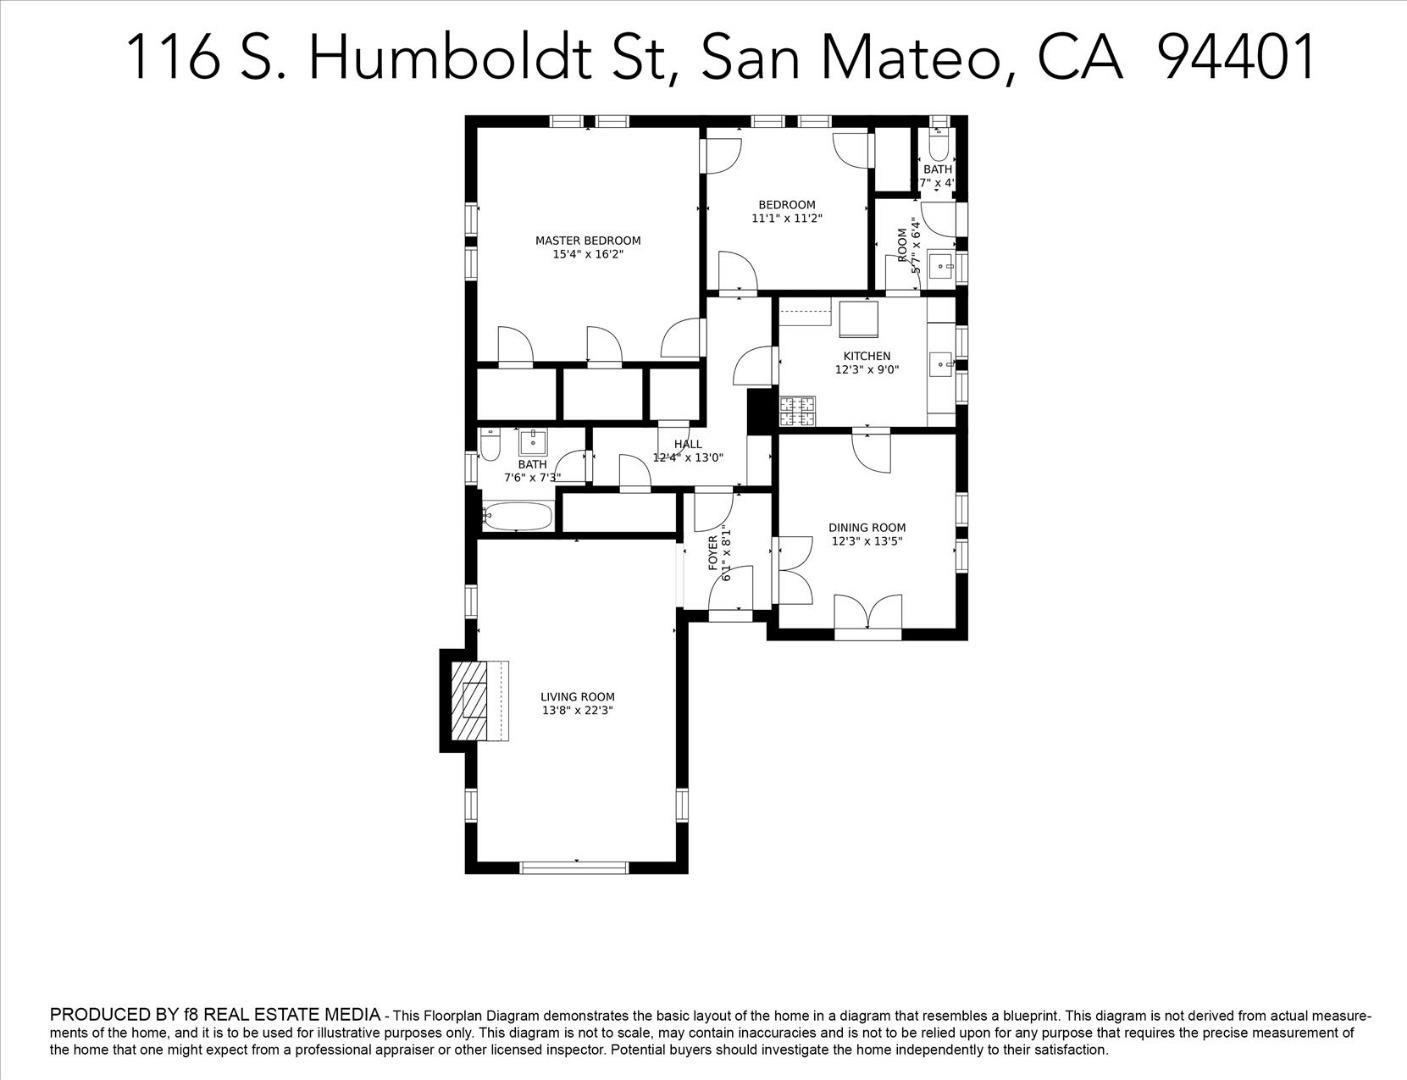 116 S Humboldt ST